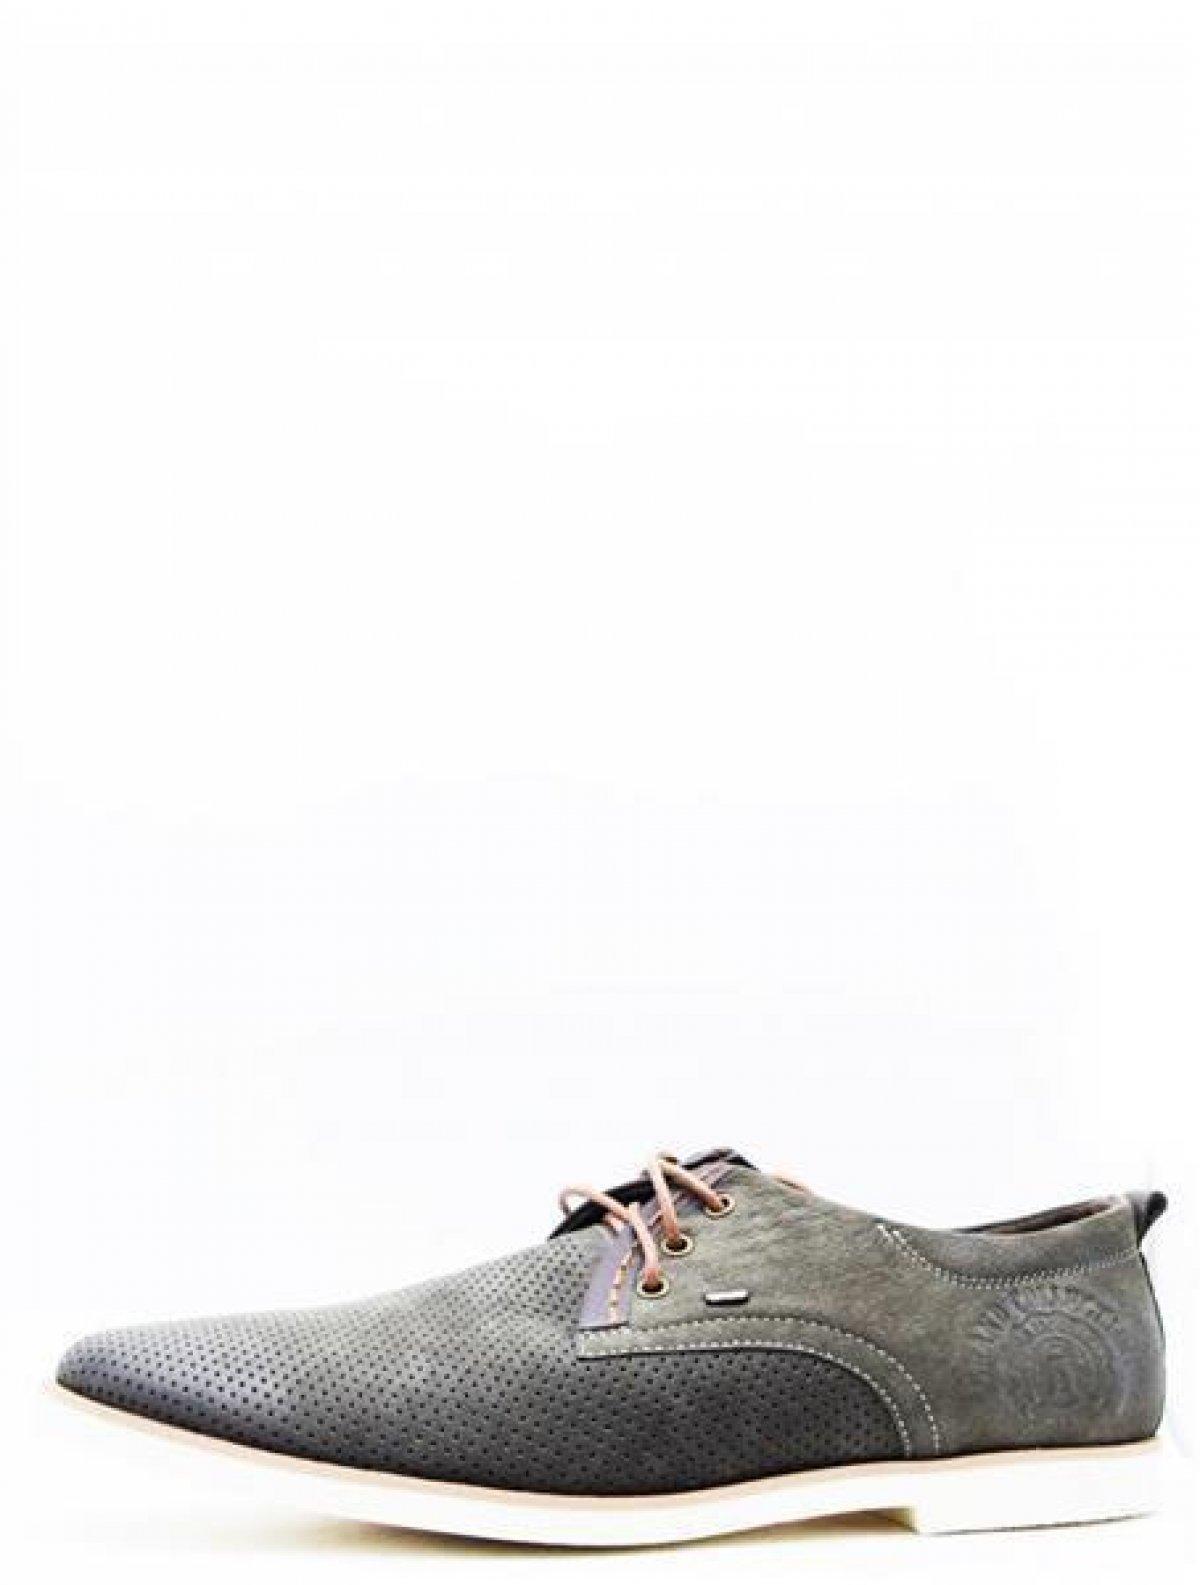 667776/10-03 туфли мужские